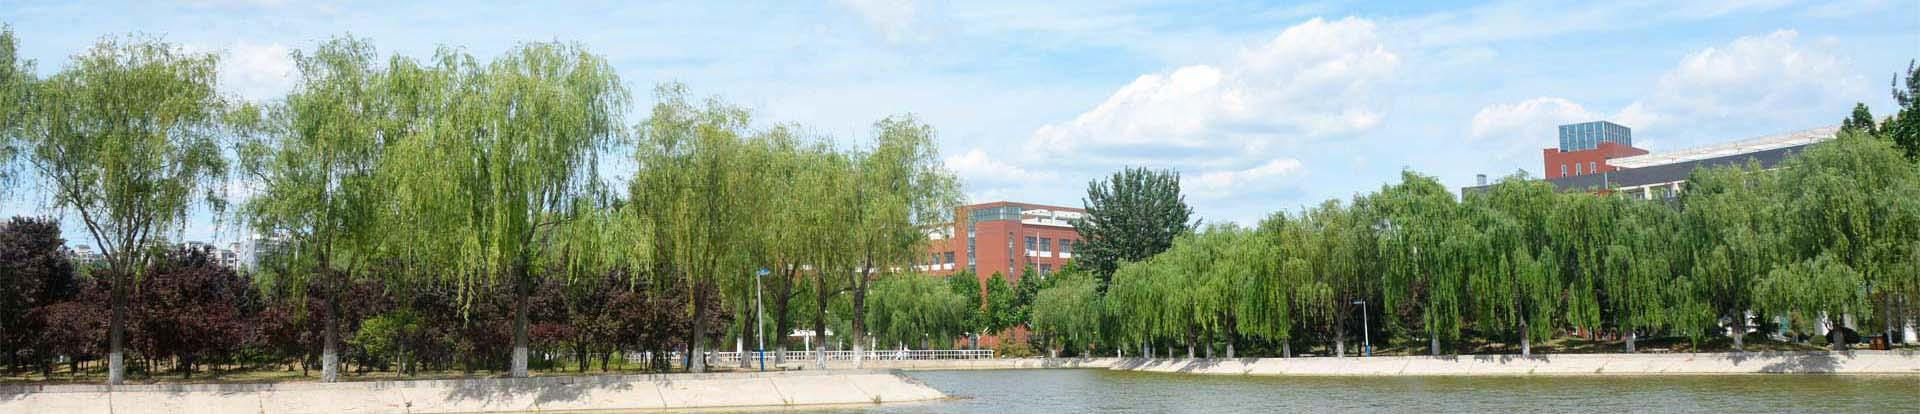 聊城大学材料科学与工程学院